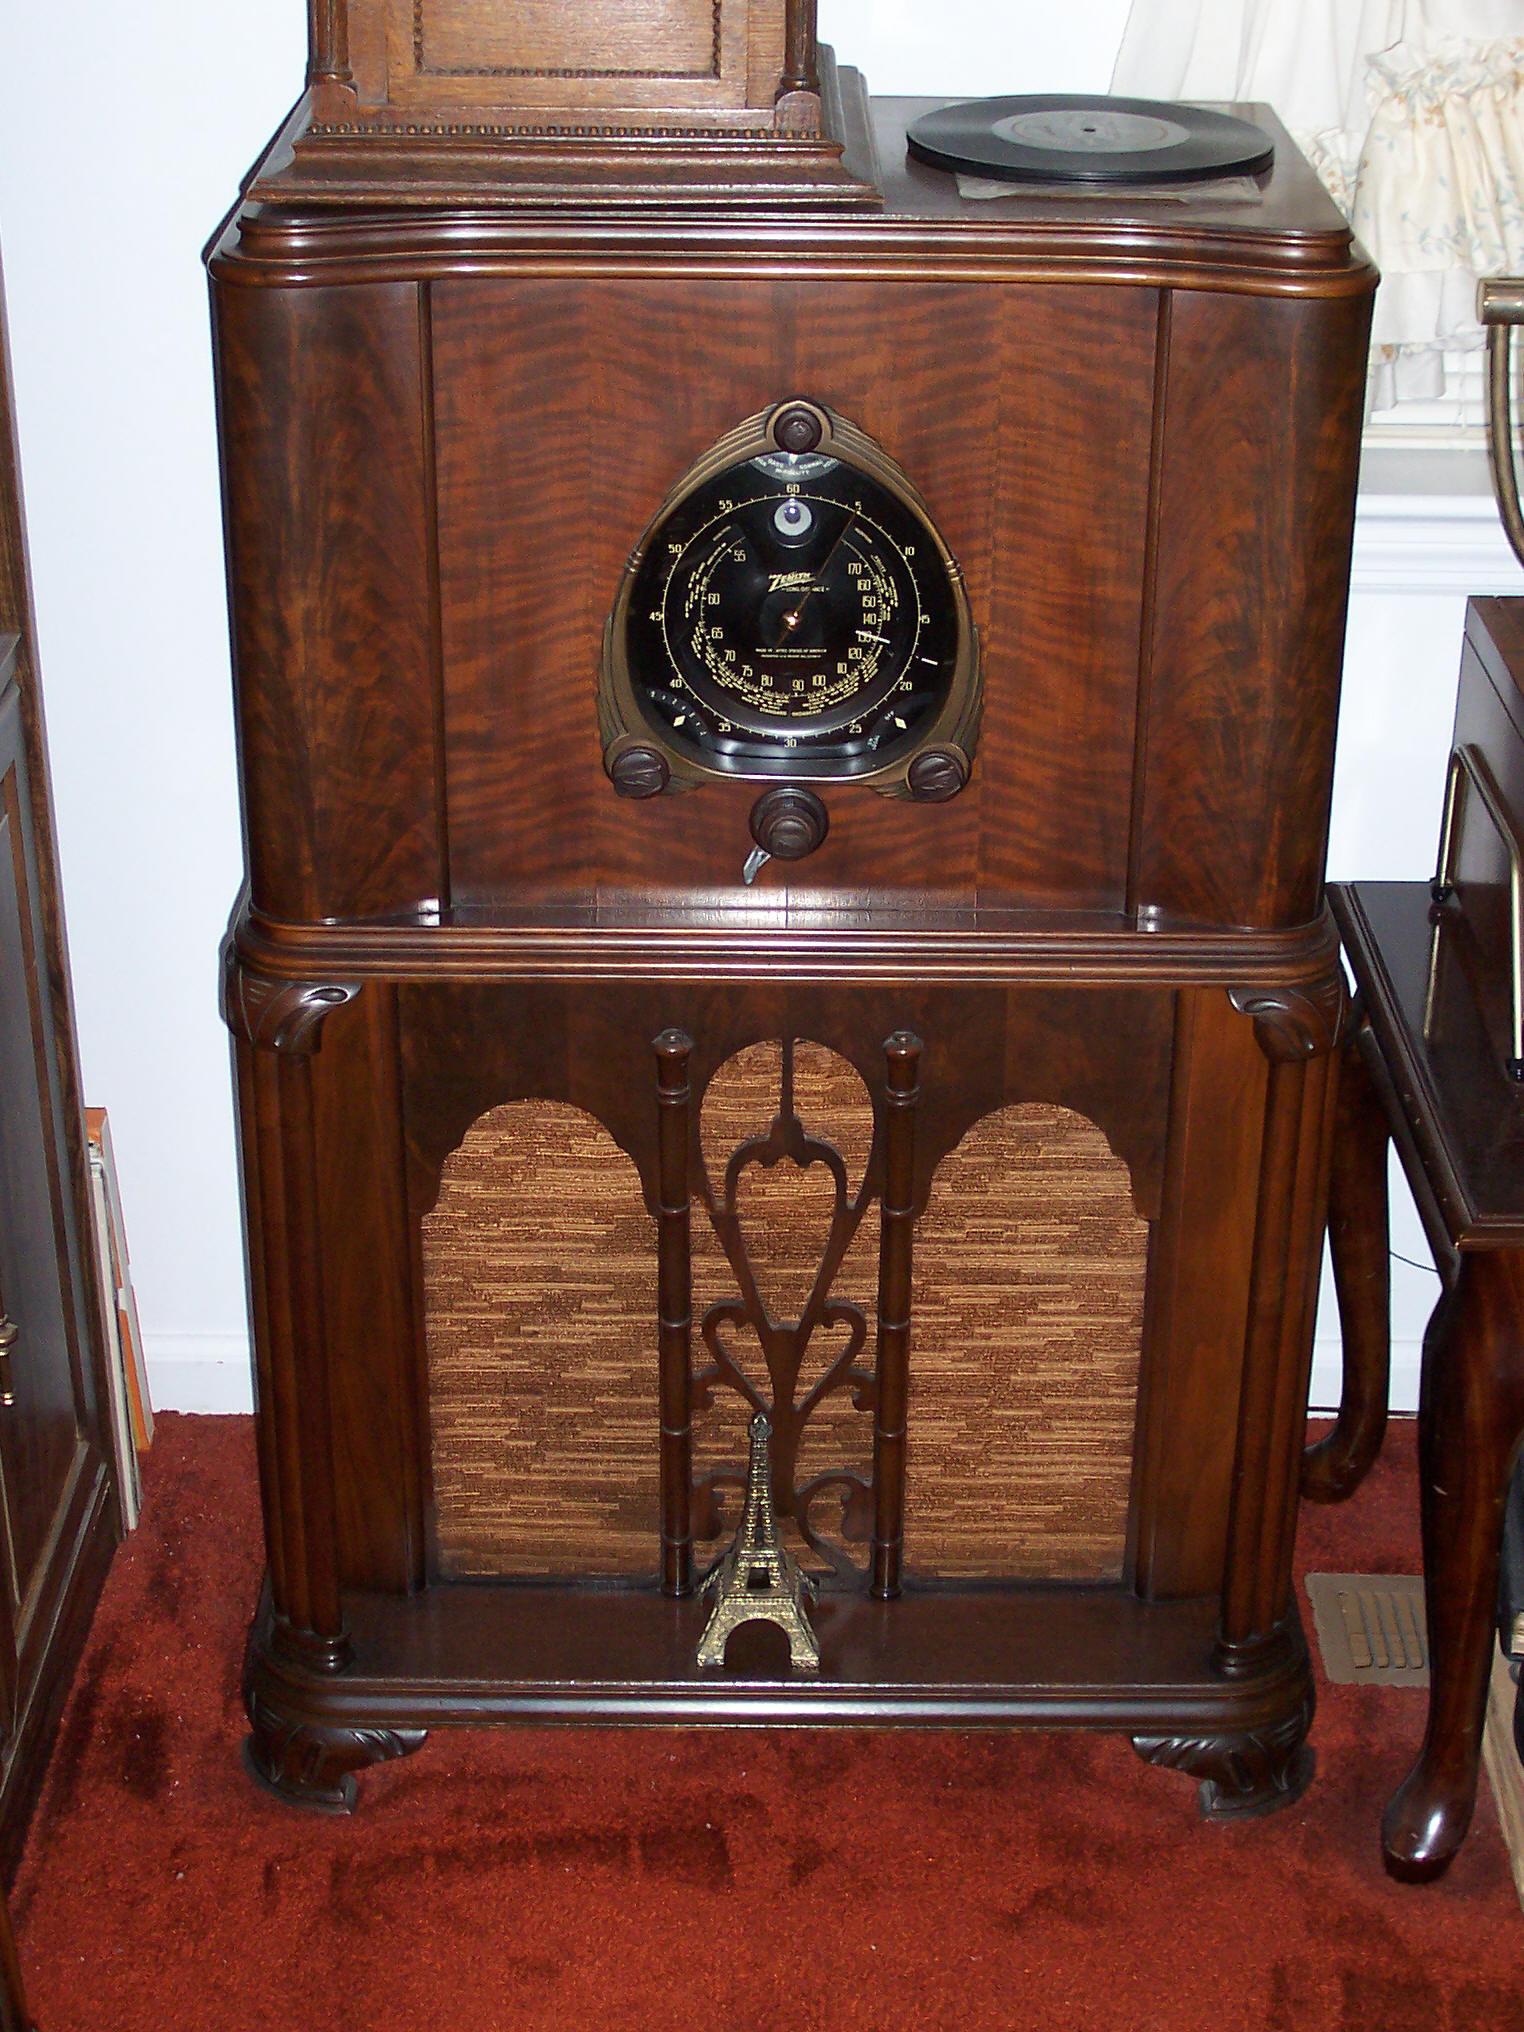 Rick's Antique Radios